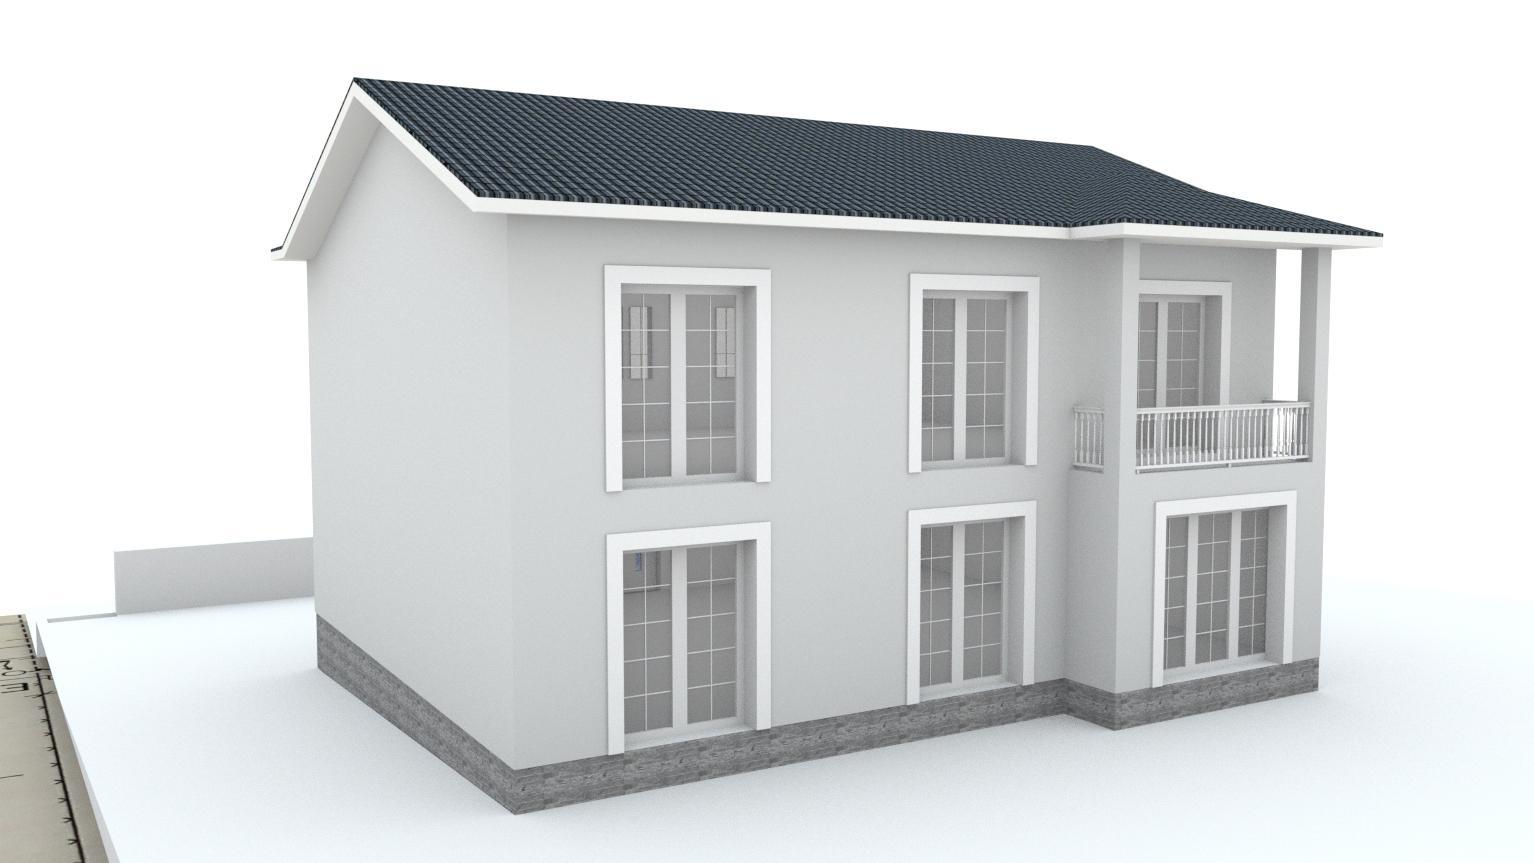 Návrh fasády rodinného domu Bratislava - Obrázok č. 11